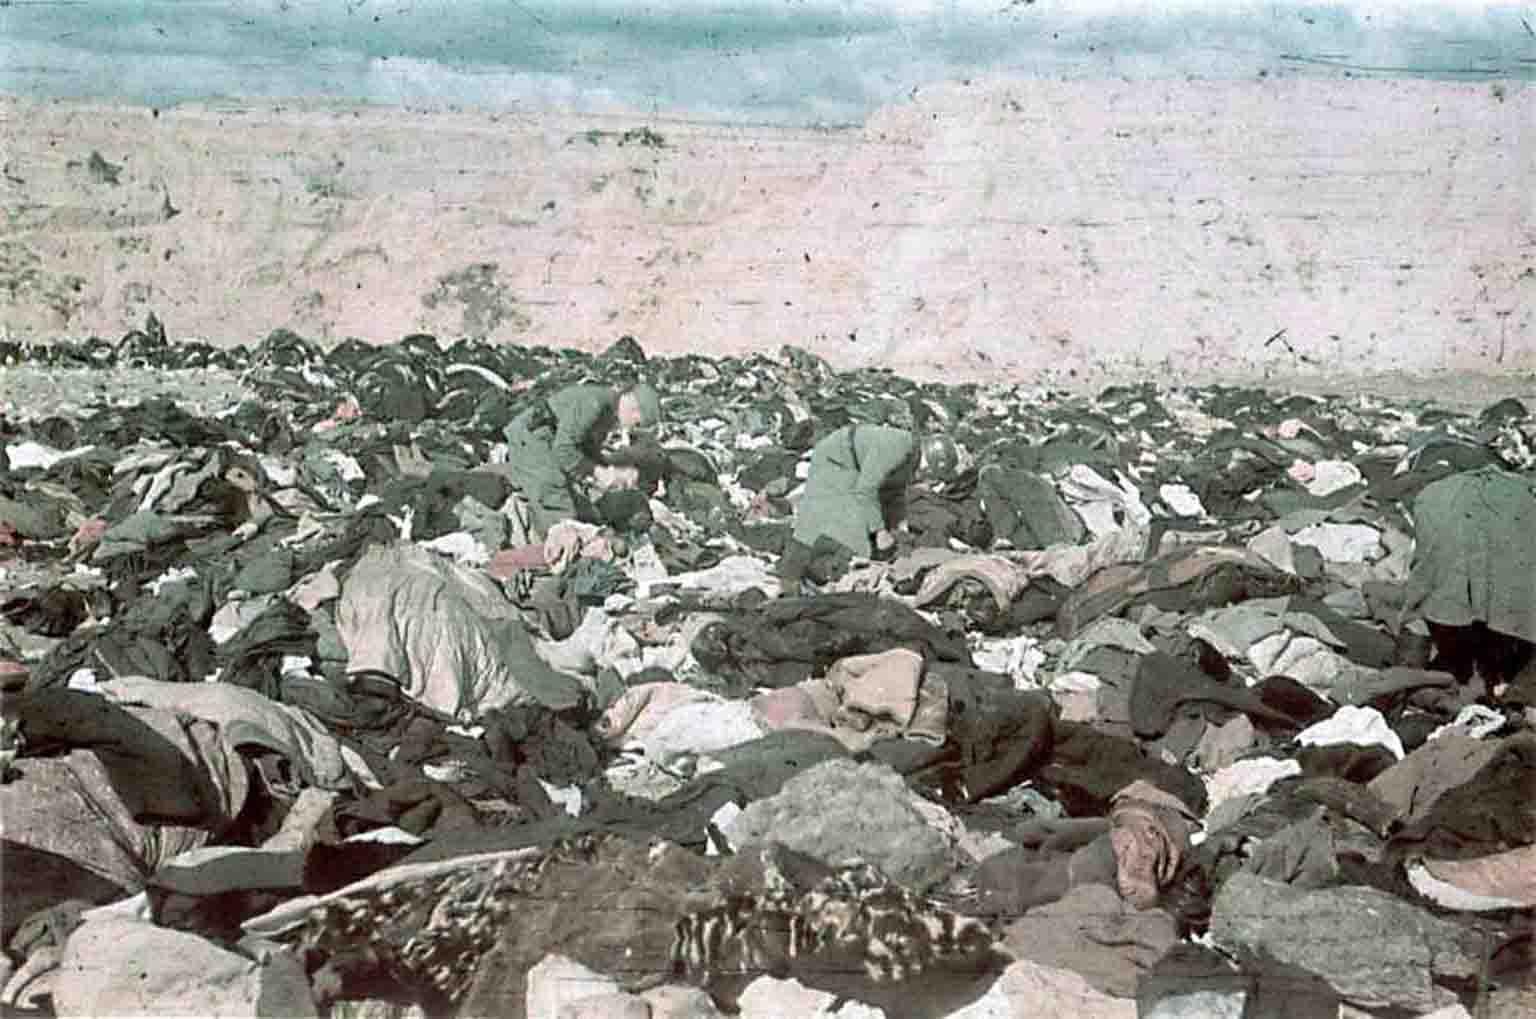 Soldiers from Einsatzgruppe